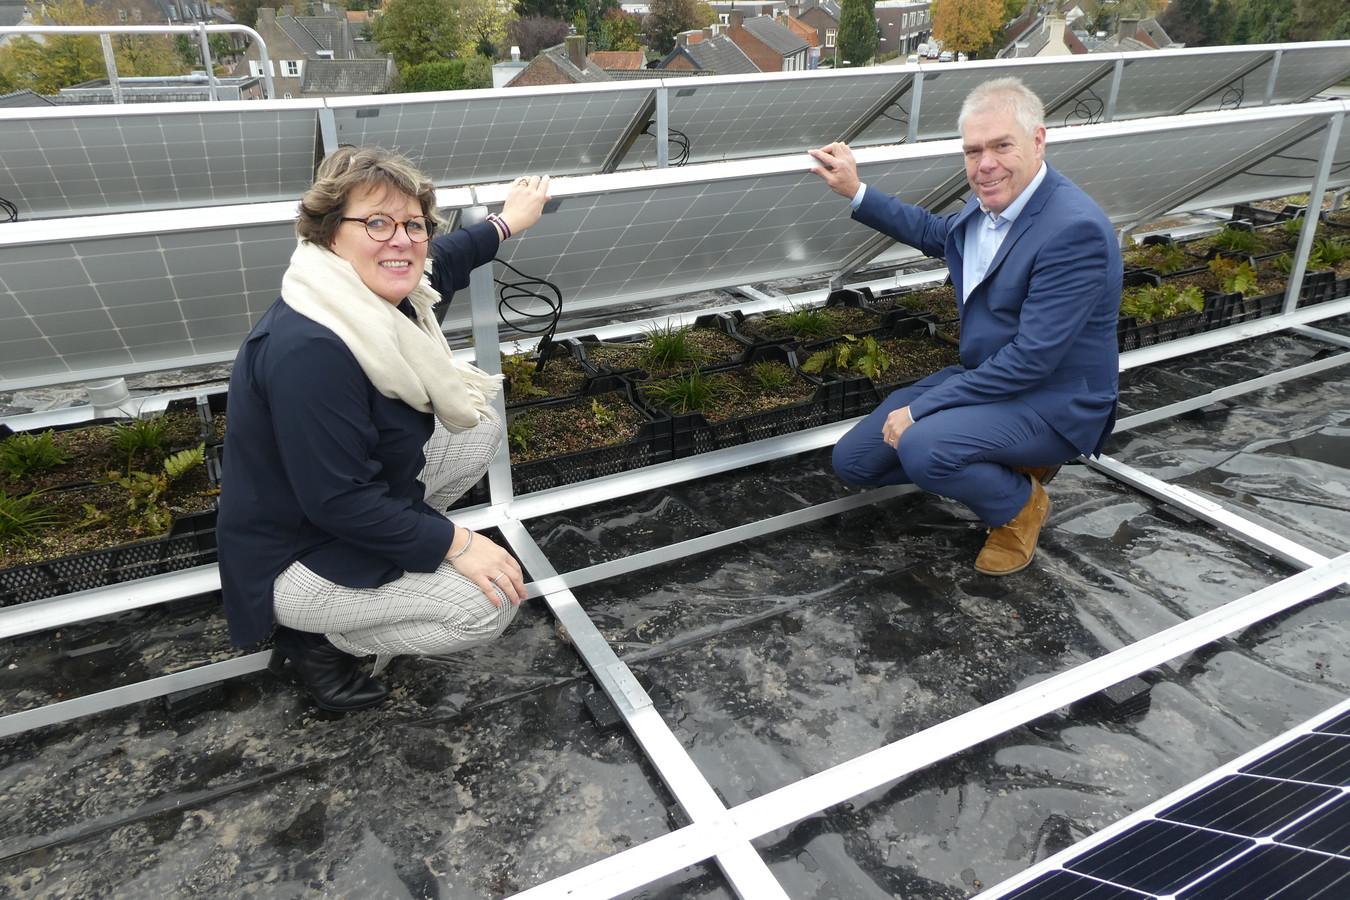 Wethouders Carine Blom en Martien Vromans bij de nieuwe varens en zonnepanelen op het dak van het Haarense gemeentehuis.